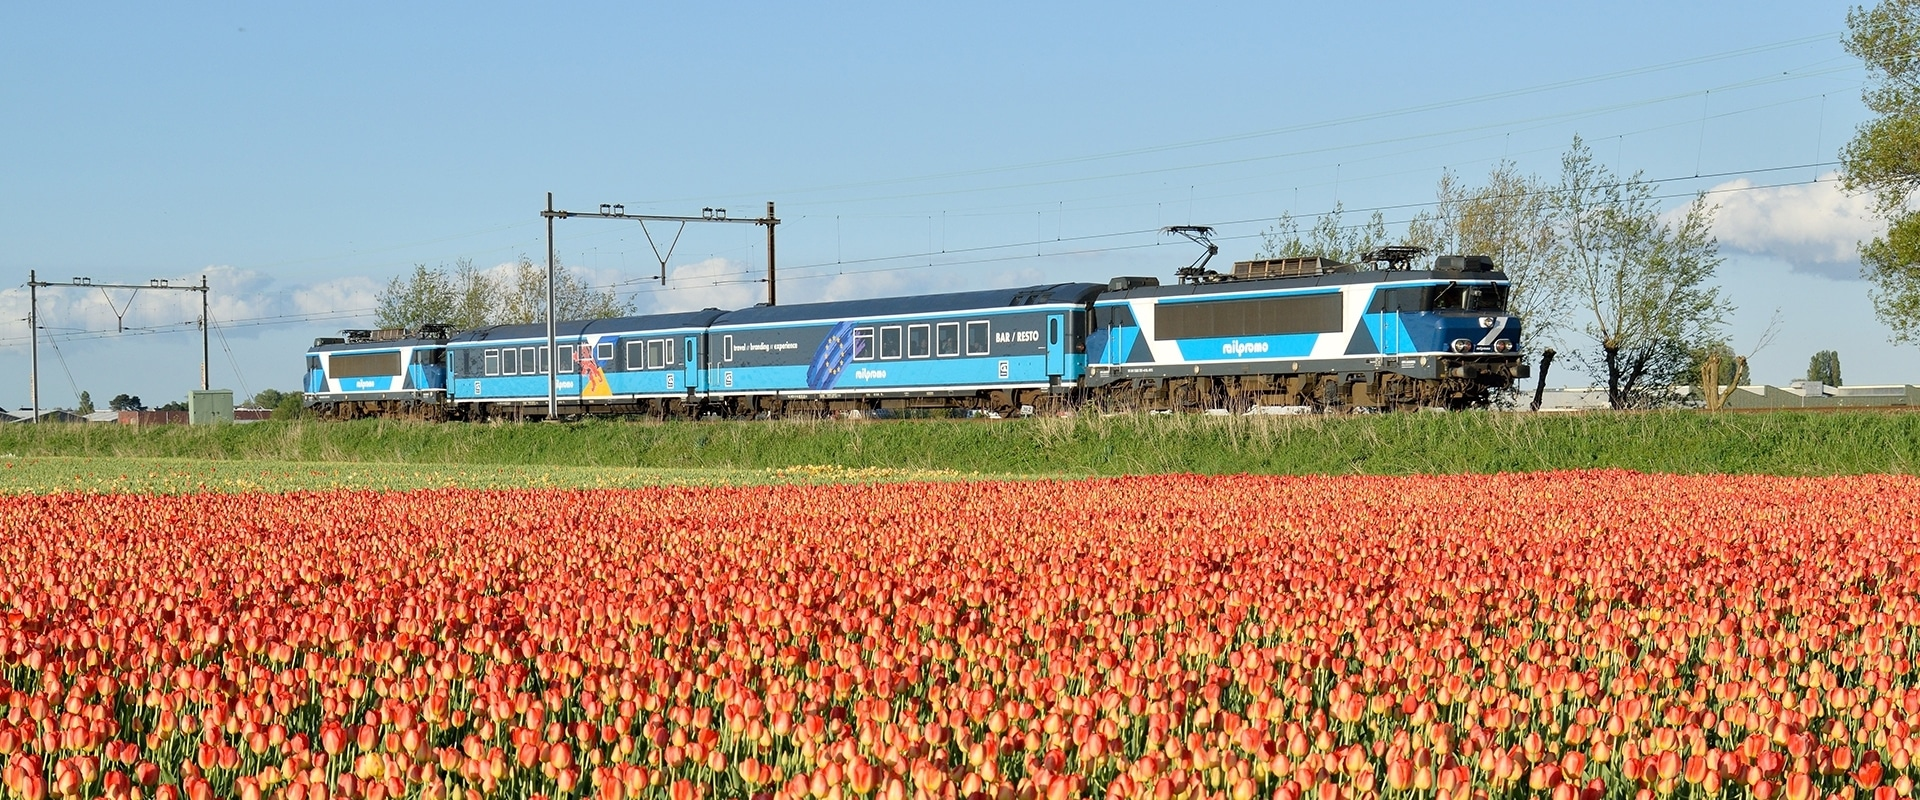 Dinner Train is een unieke pop-up-beleving in een als restaurant ingerichte trein die een jaar lang door Nederland rijdt en in 15 stations gasten verwelkomt voor een smakelijke reis.